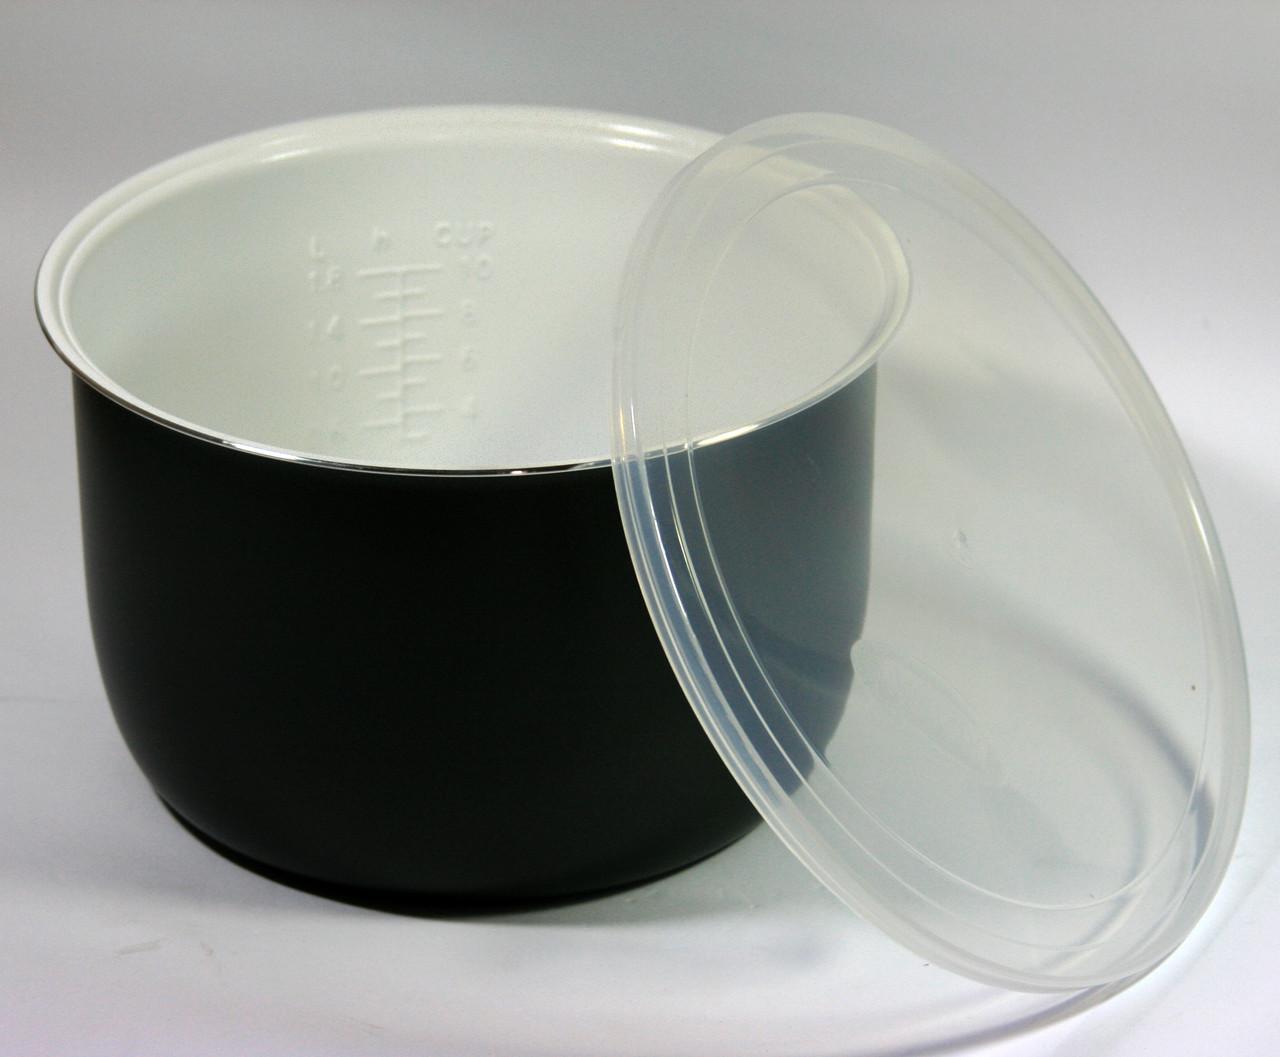 Чаша для мультиварки Rotex RIP-5017-C(керамическая) (для RMC401/503/505/507/508/522/530/532/535)